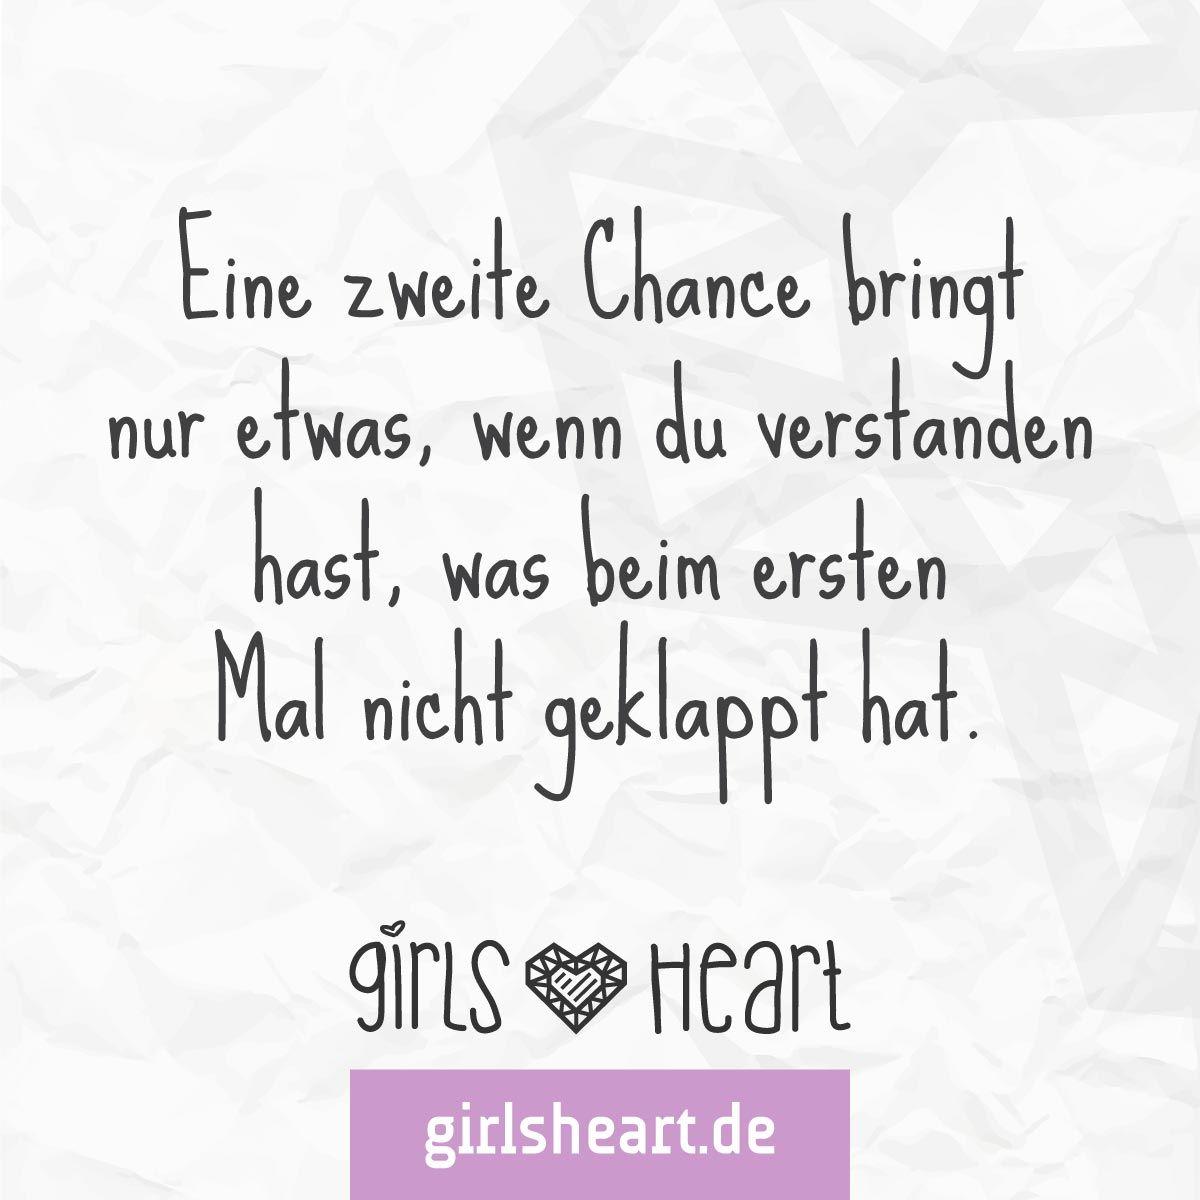 sprüche über trennung und liebe Mehr Sprüche auf: .girlsheart.de #chance #neuanfang #trennung  sprüche über trennung und liebe